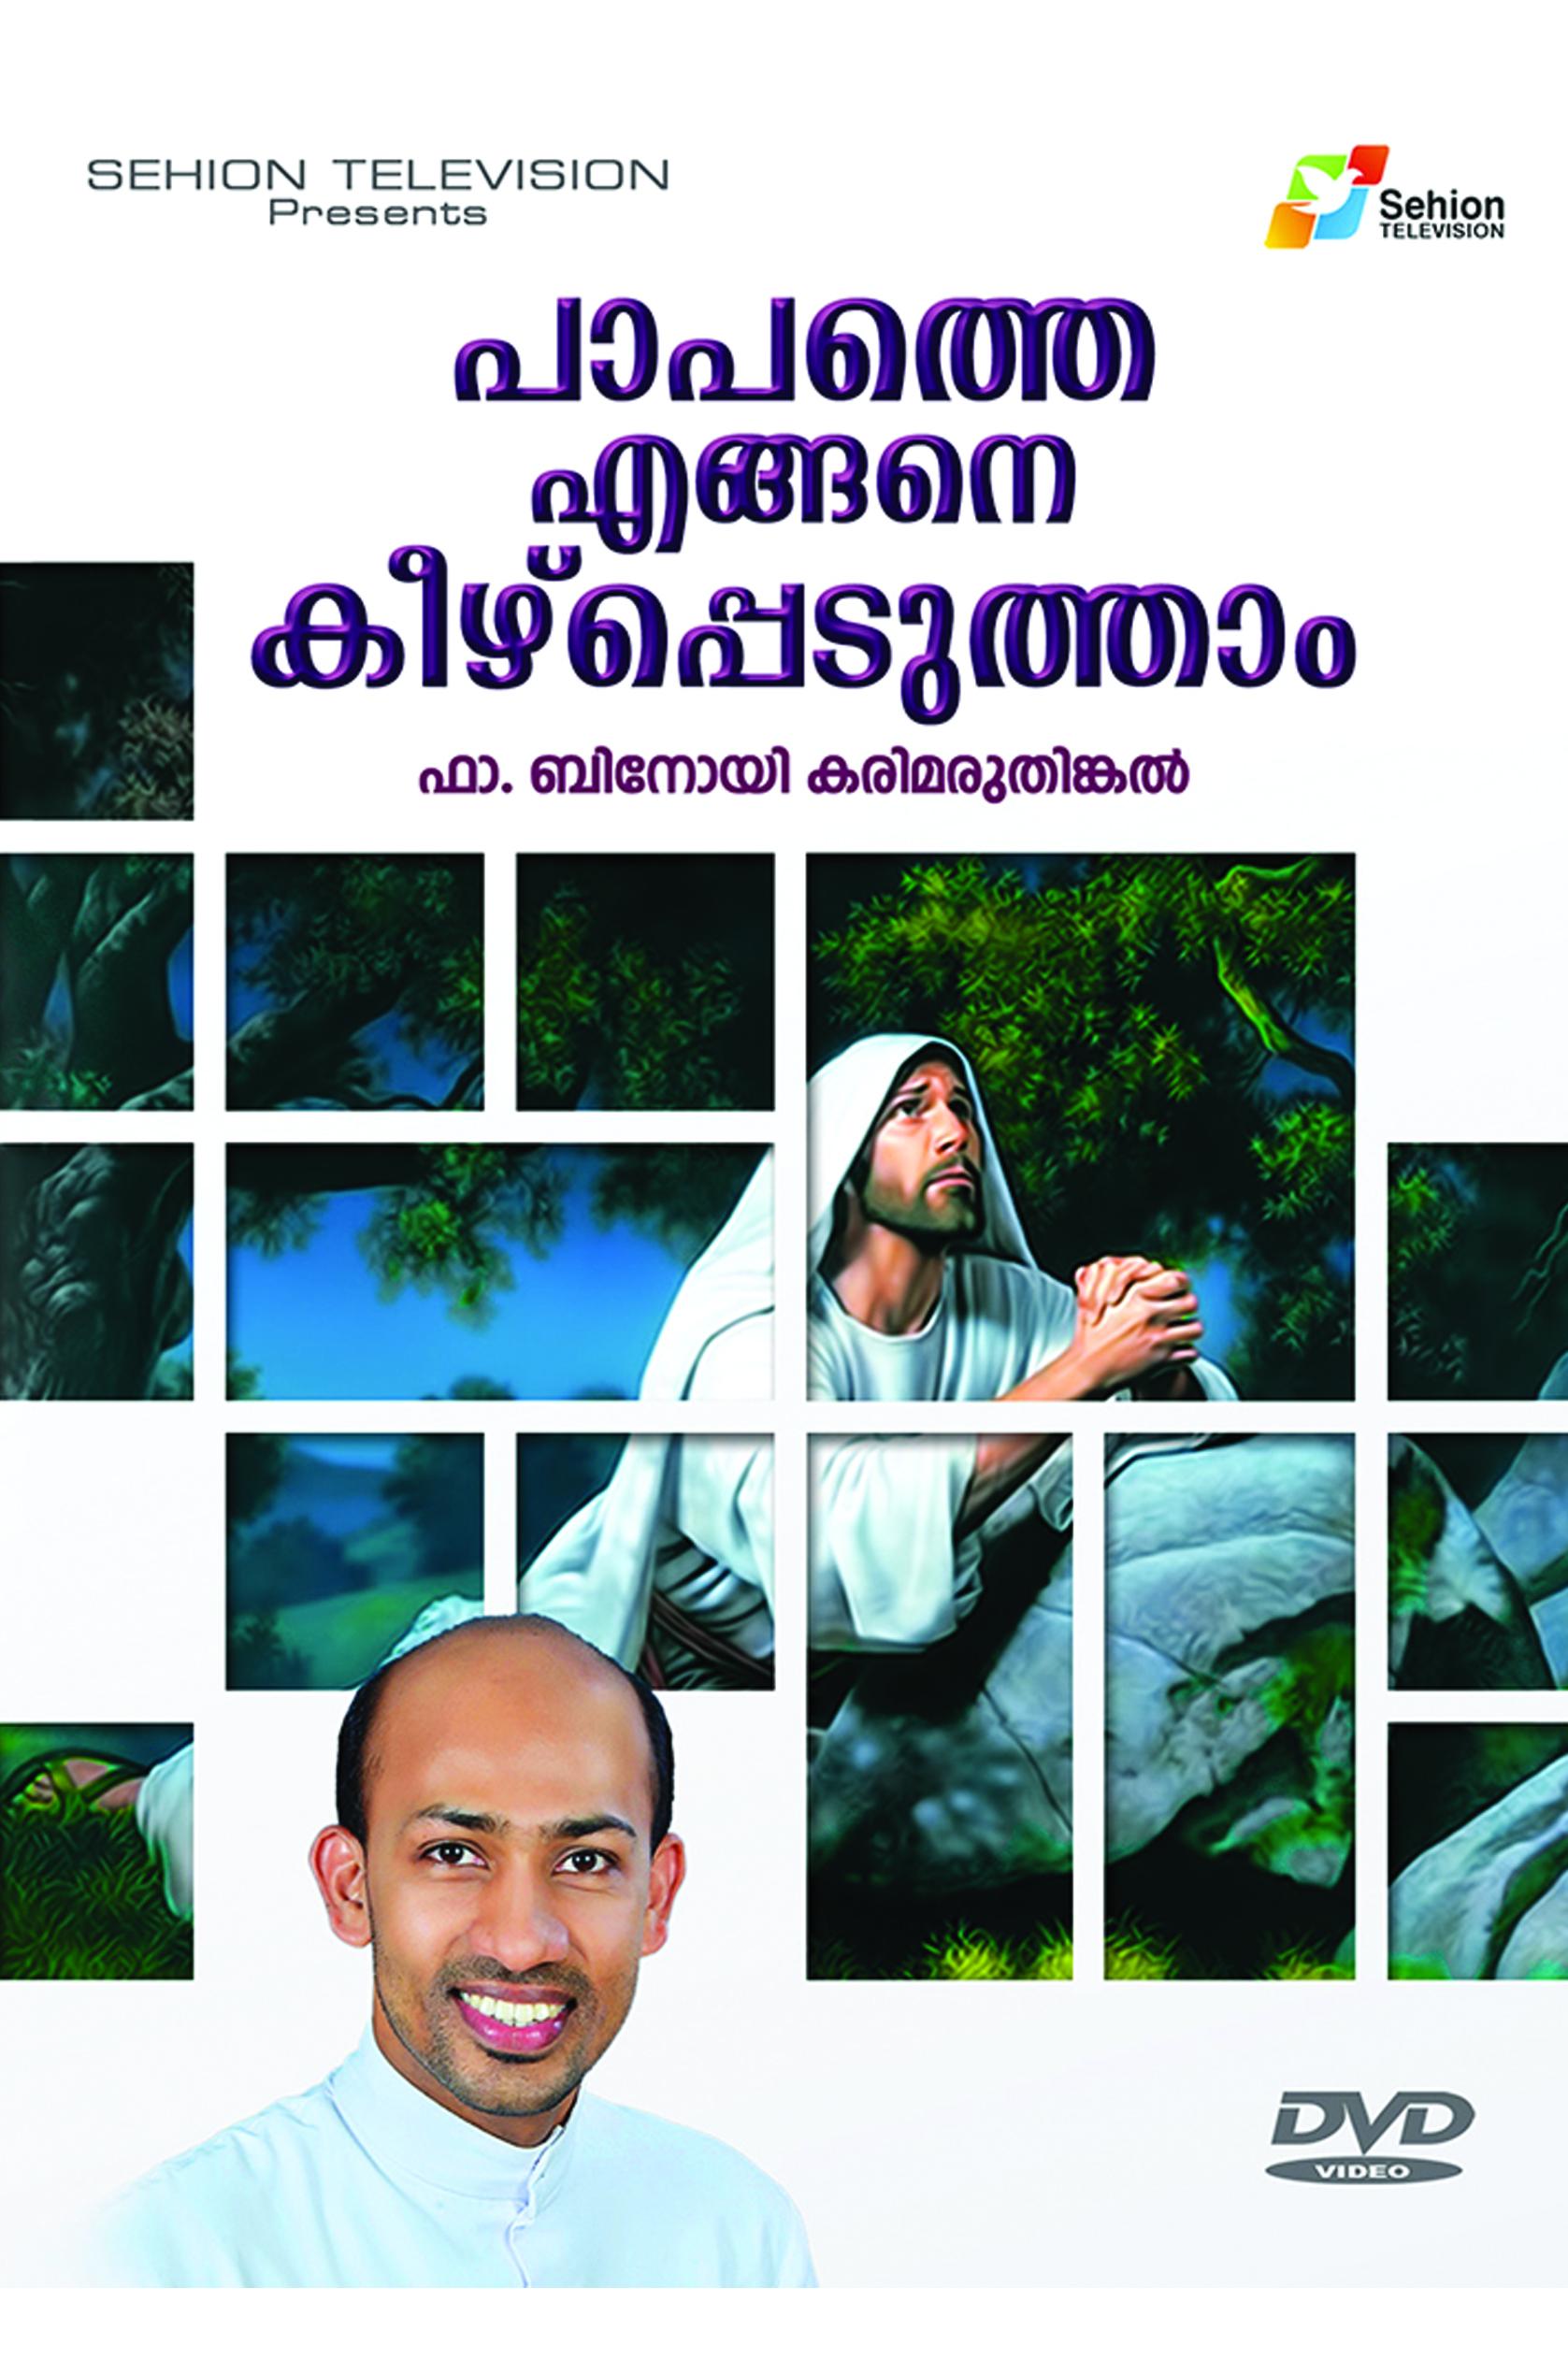 pabathe kizhpeduthunath